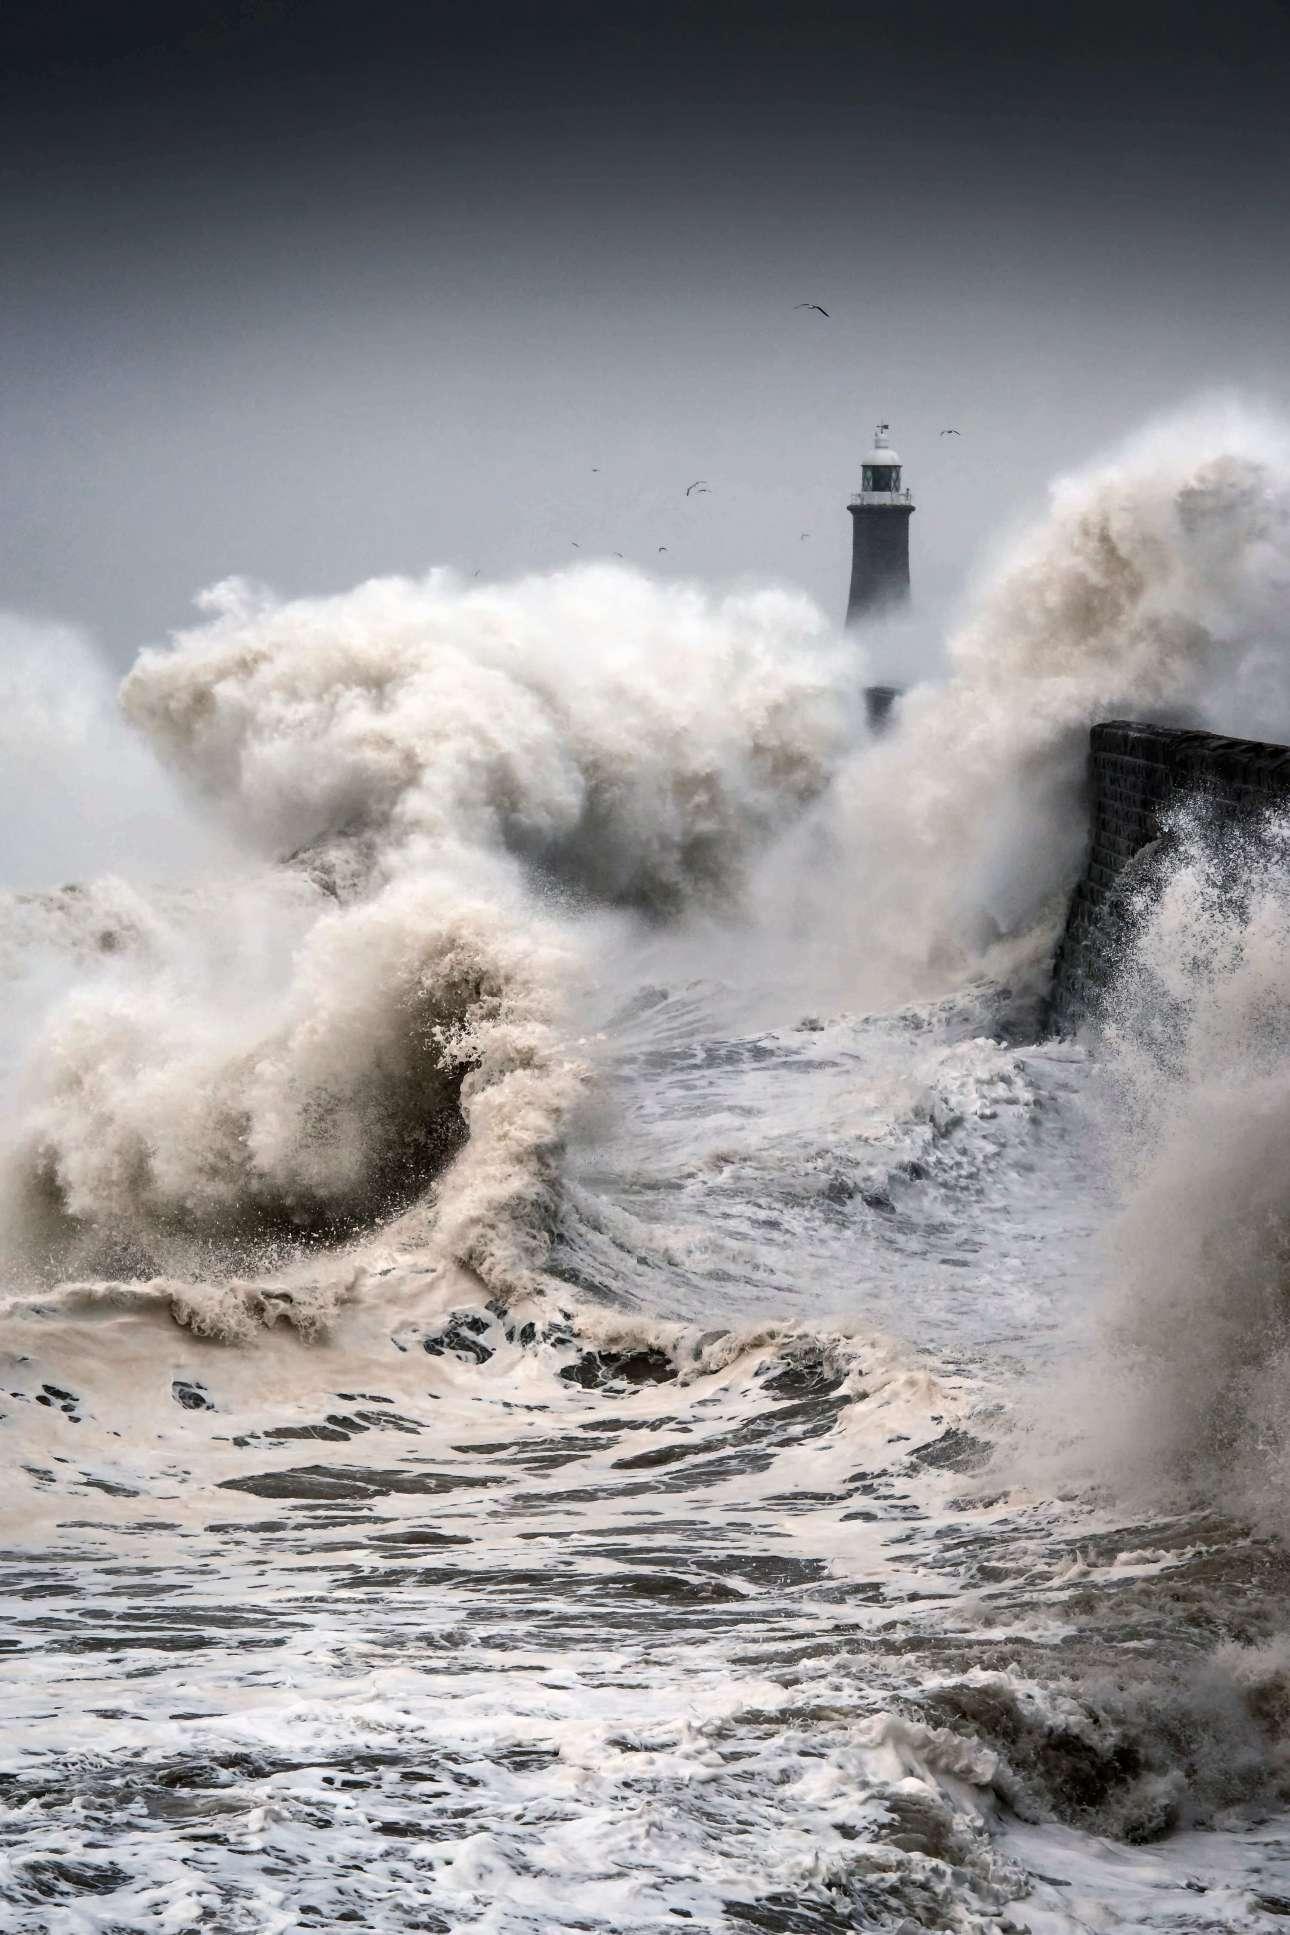 Επαινος, κατηγορία «Θέα από την ακτή». Οι φάροι πρωταγωνίστησαν στον φετινό διαγωνισμό «Ultimate sea view». Στην παραπάνω φωτογραφία, γιγαντιαία κύματα σκάνε πάνω στον φάρο του Τάινμουθ